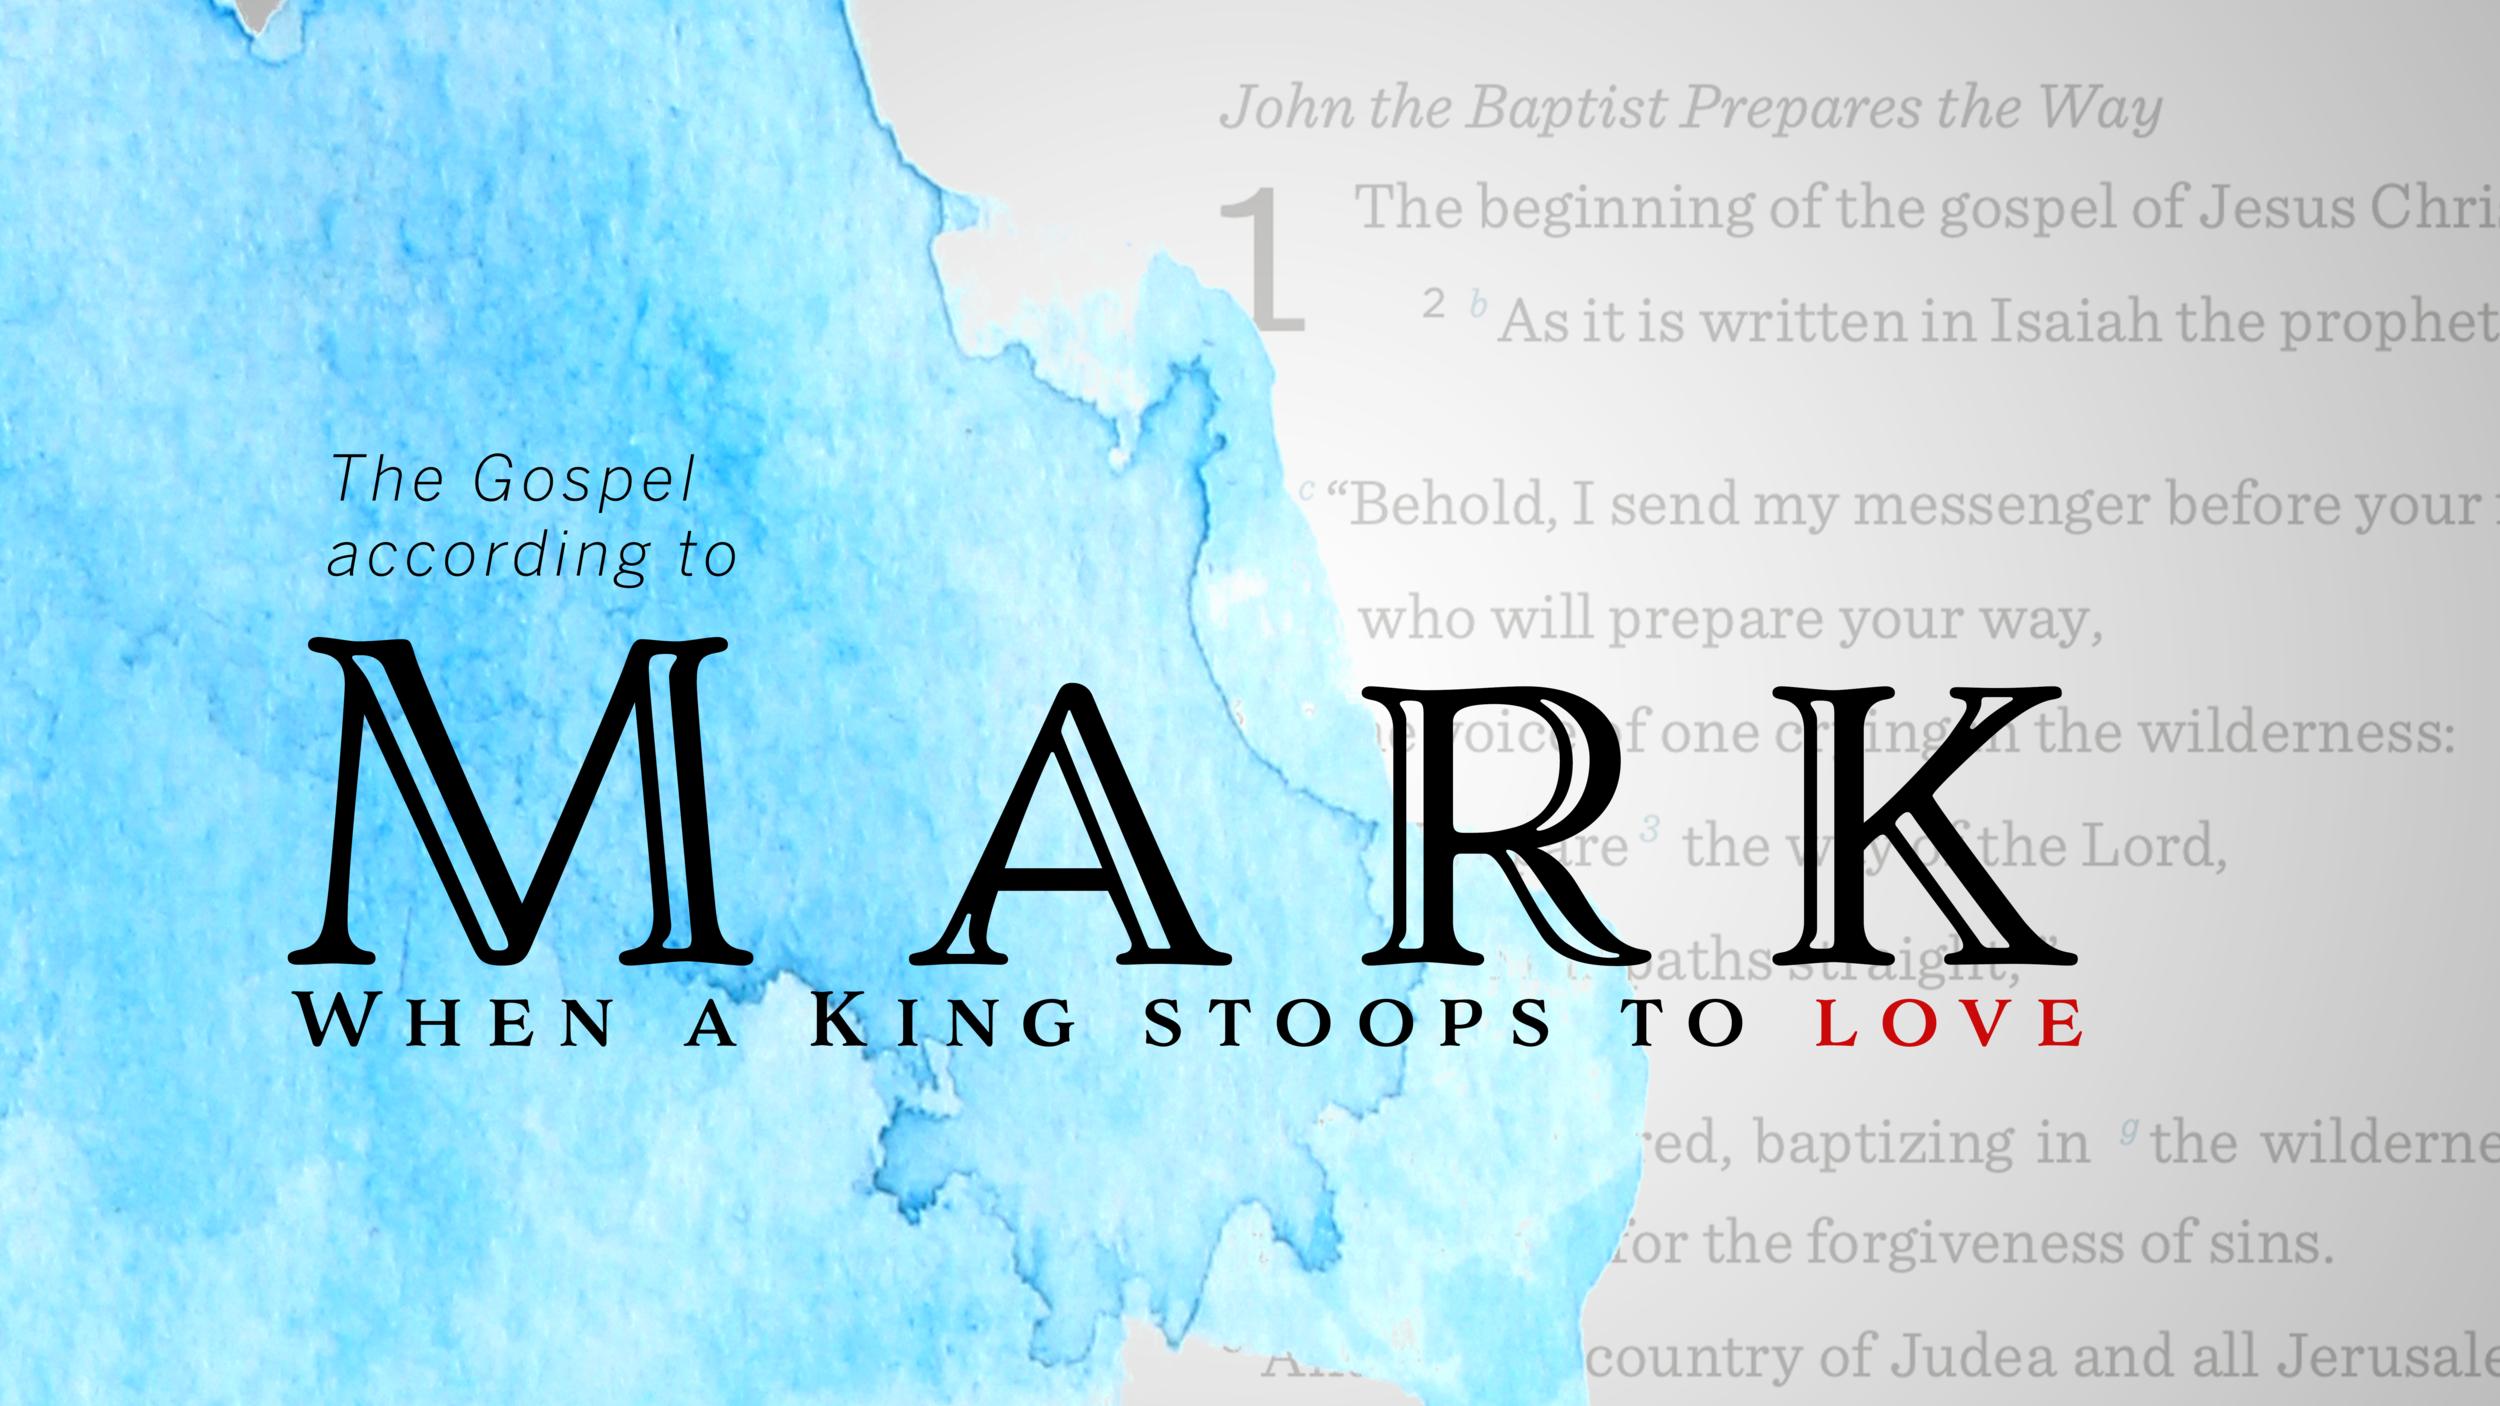 markoption1.png